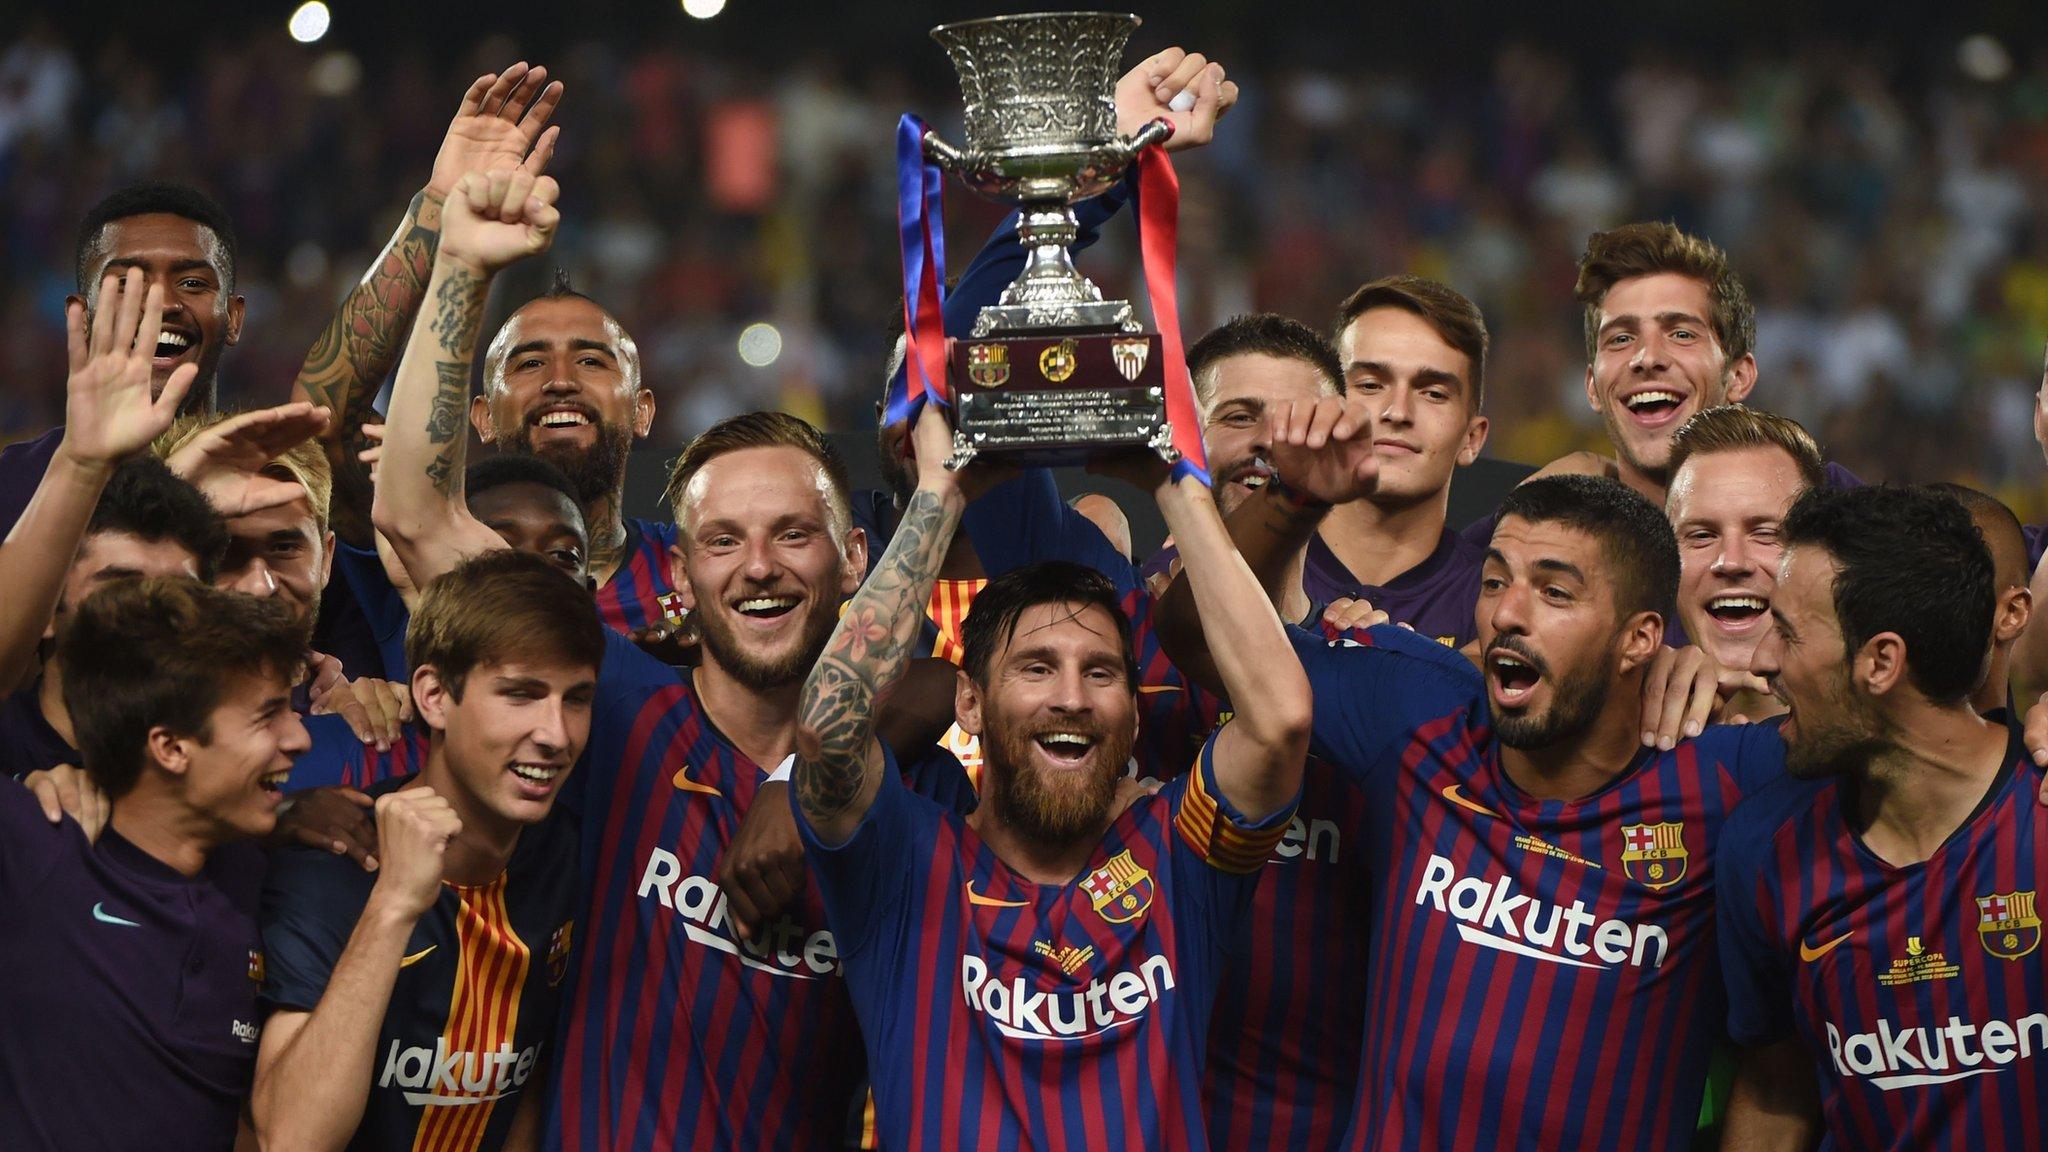 Supercopa de Espana: New four-team tournament set to be played abroad